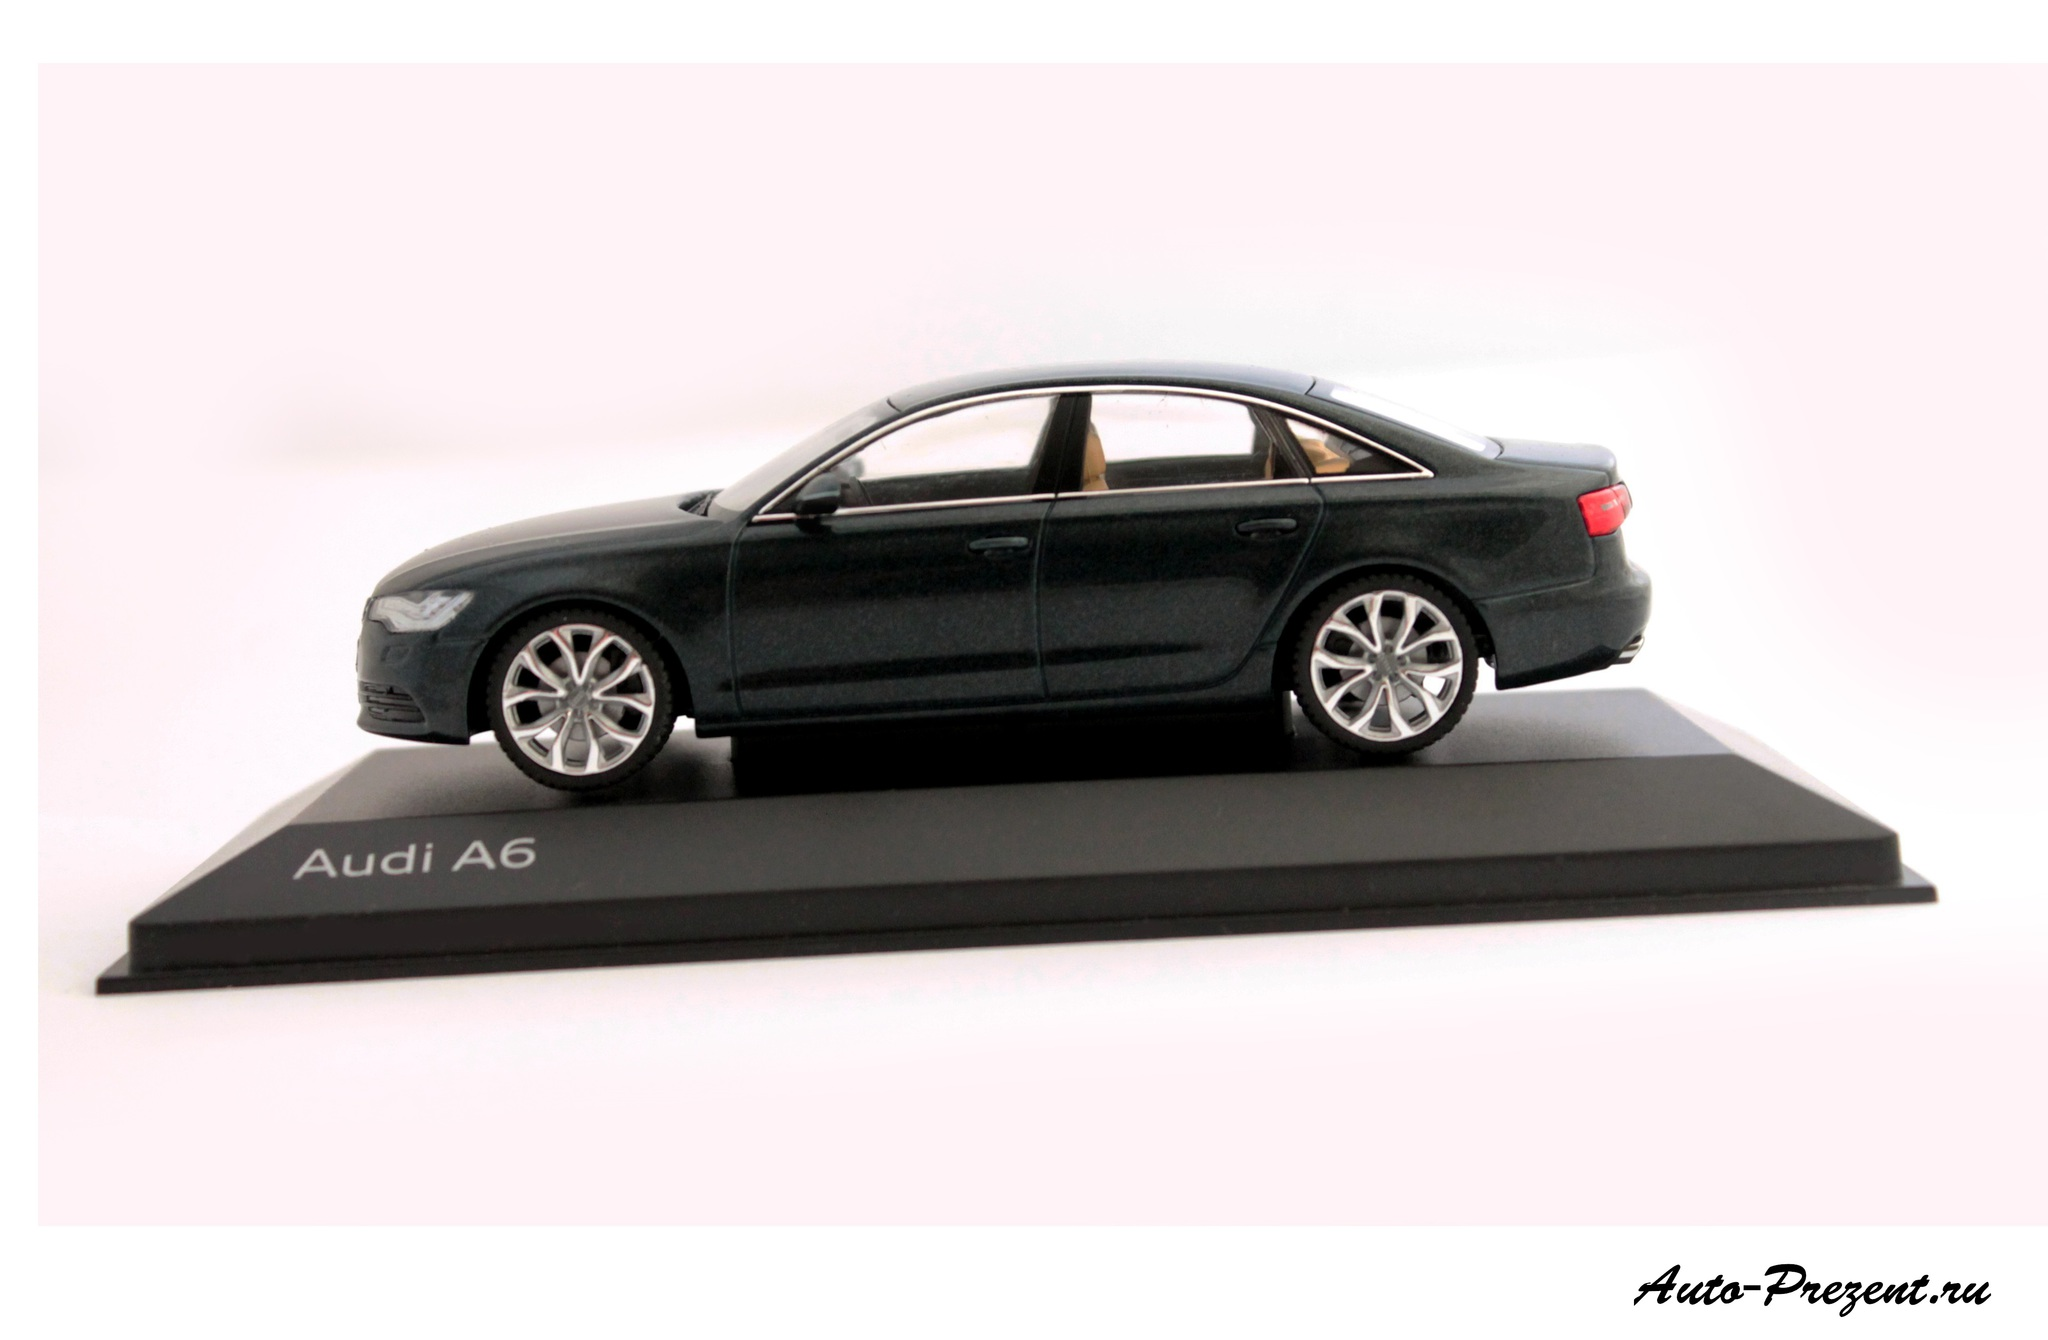 Коллекционная модель Audi A6 Aviator Blue 2012